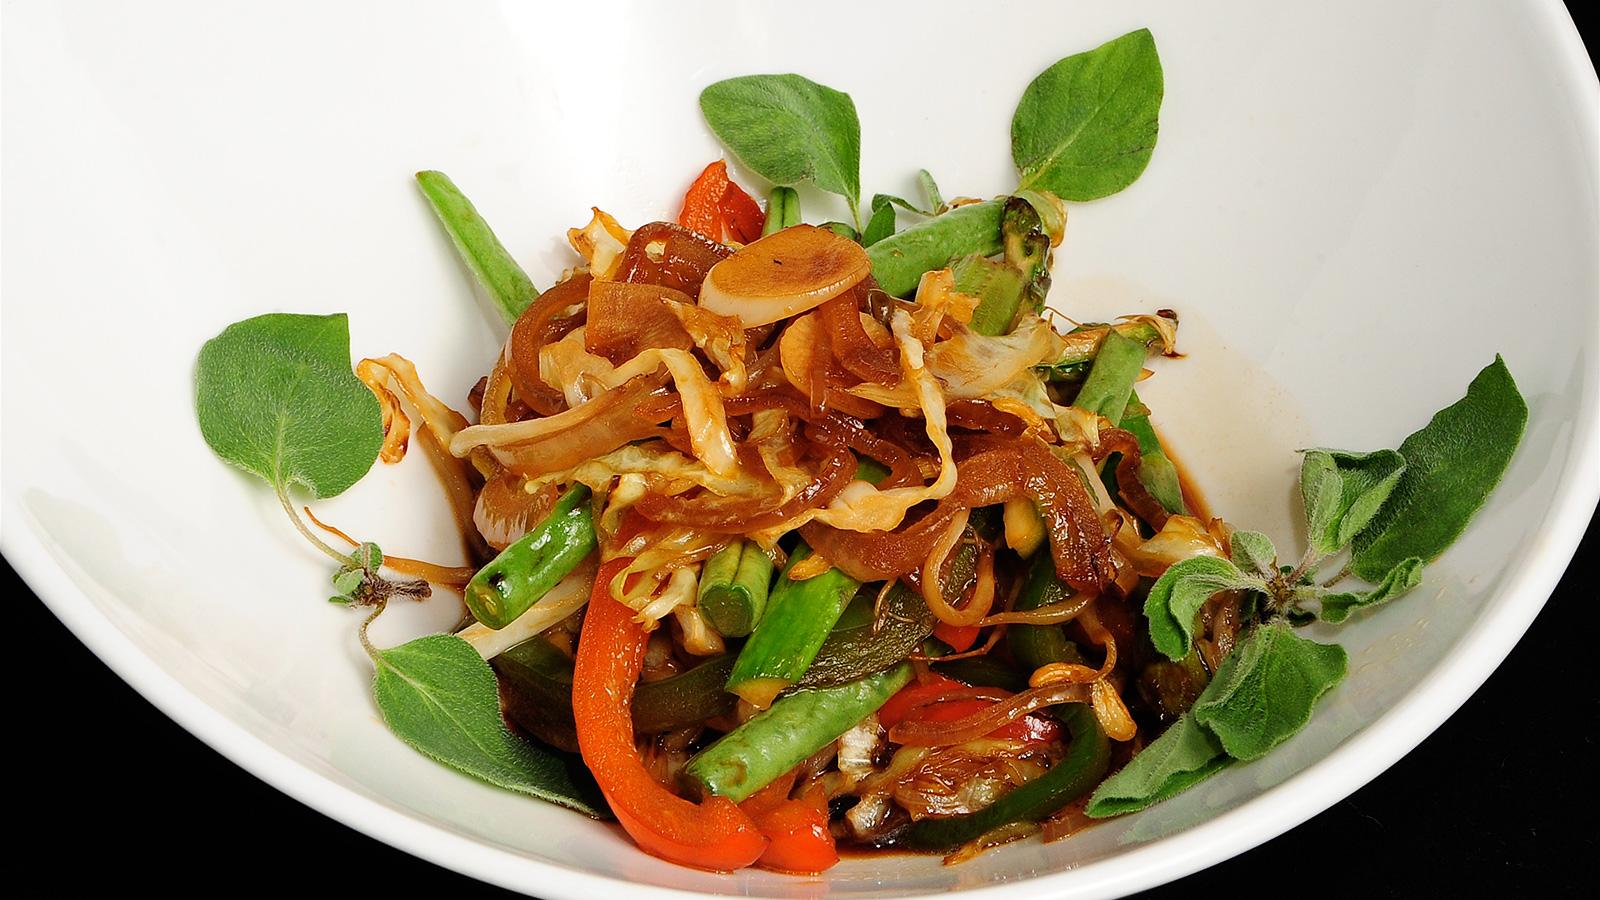 Wok de verduras con soja chema de isidro v zquez video for Chema de isidro canal cocina